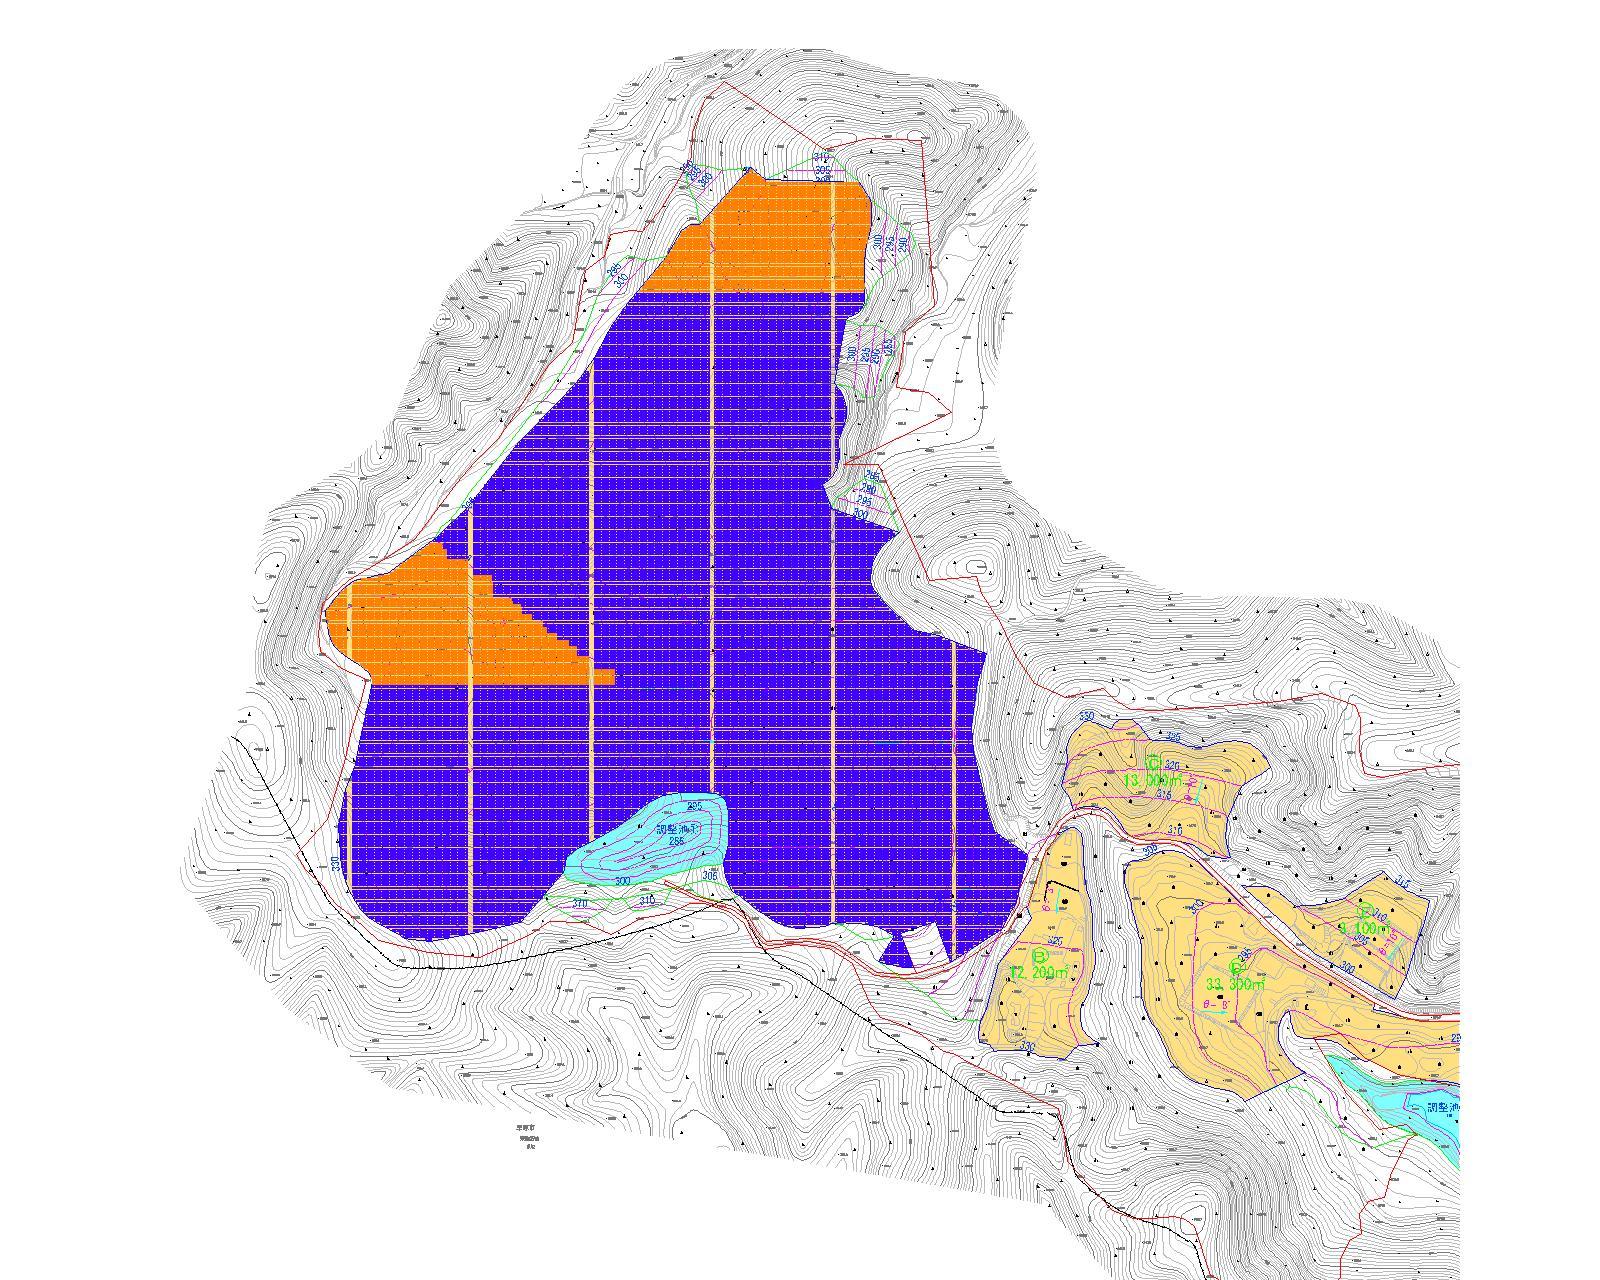 計画図H案140528(1期)6.25_Comment-モデル